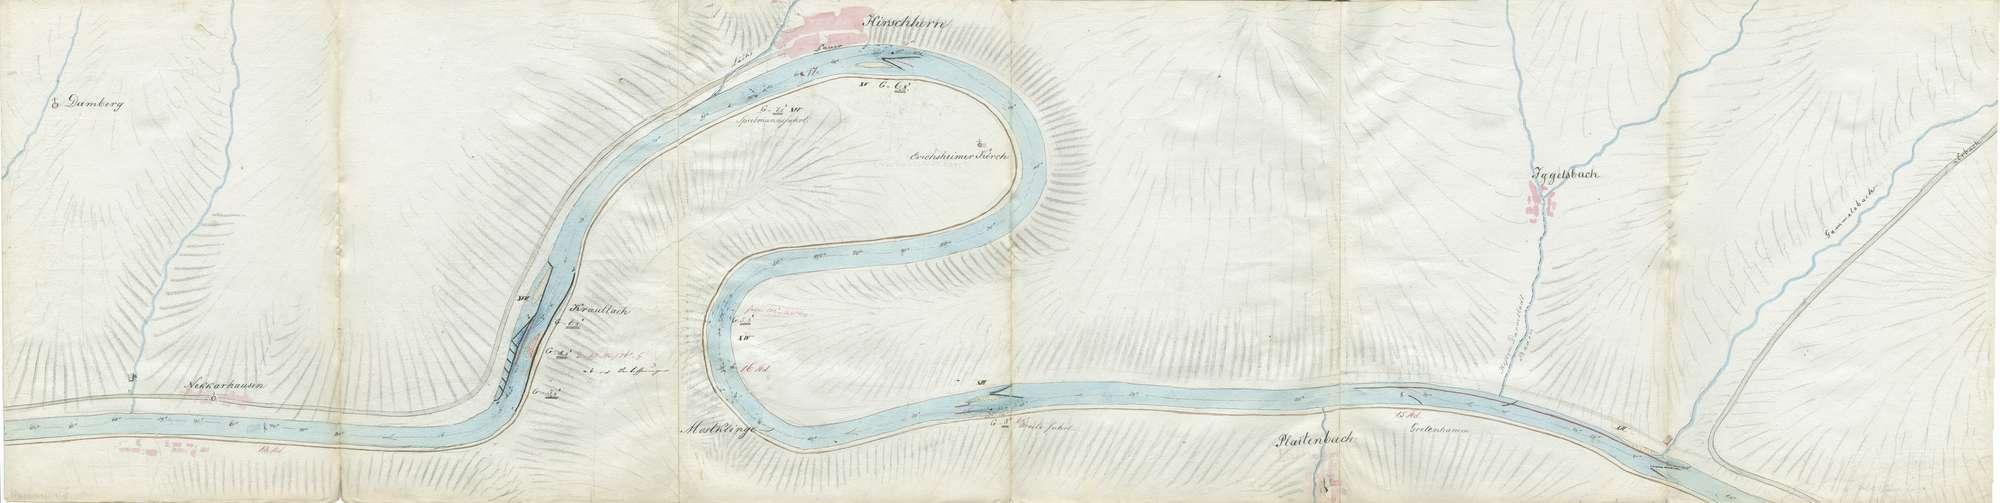 Karte über den Lauf des Neckars von Mannheim bis Heilbronn, Blatt III: Hirschhorn - Eberbach, Bild 1